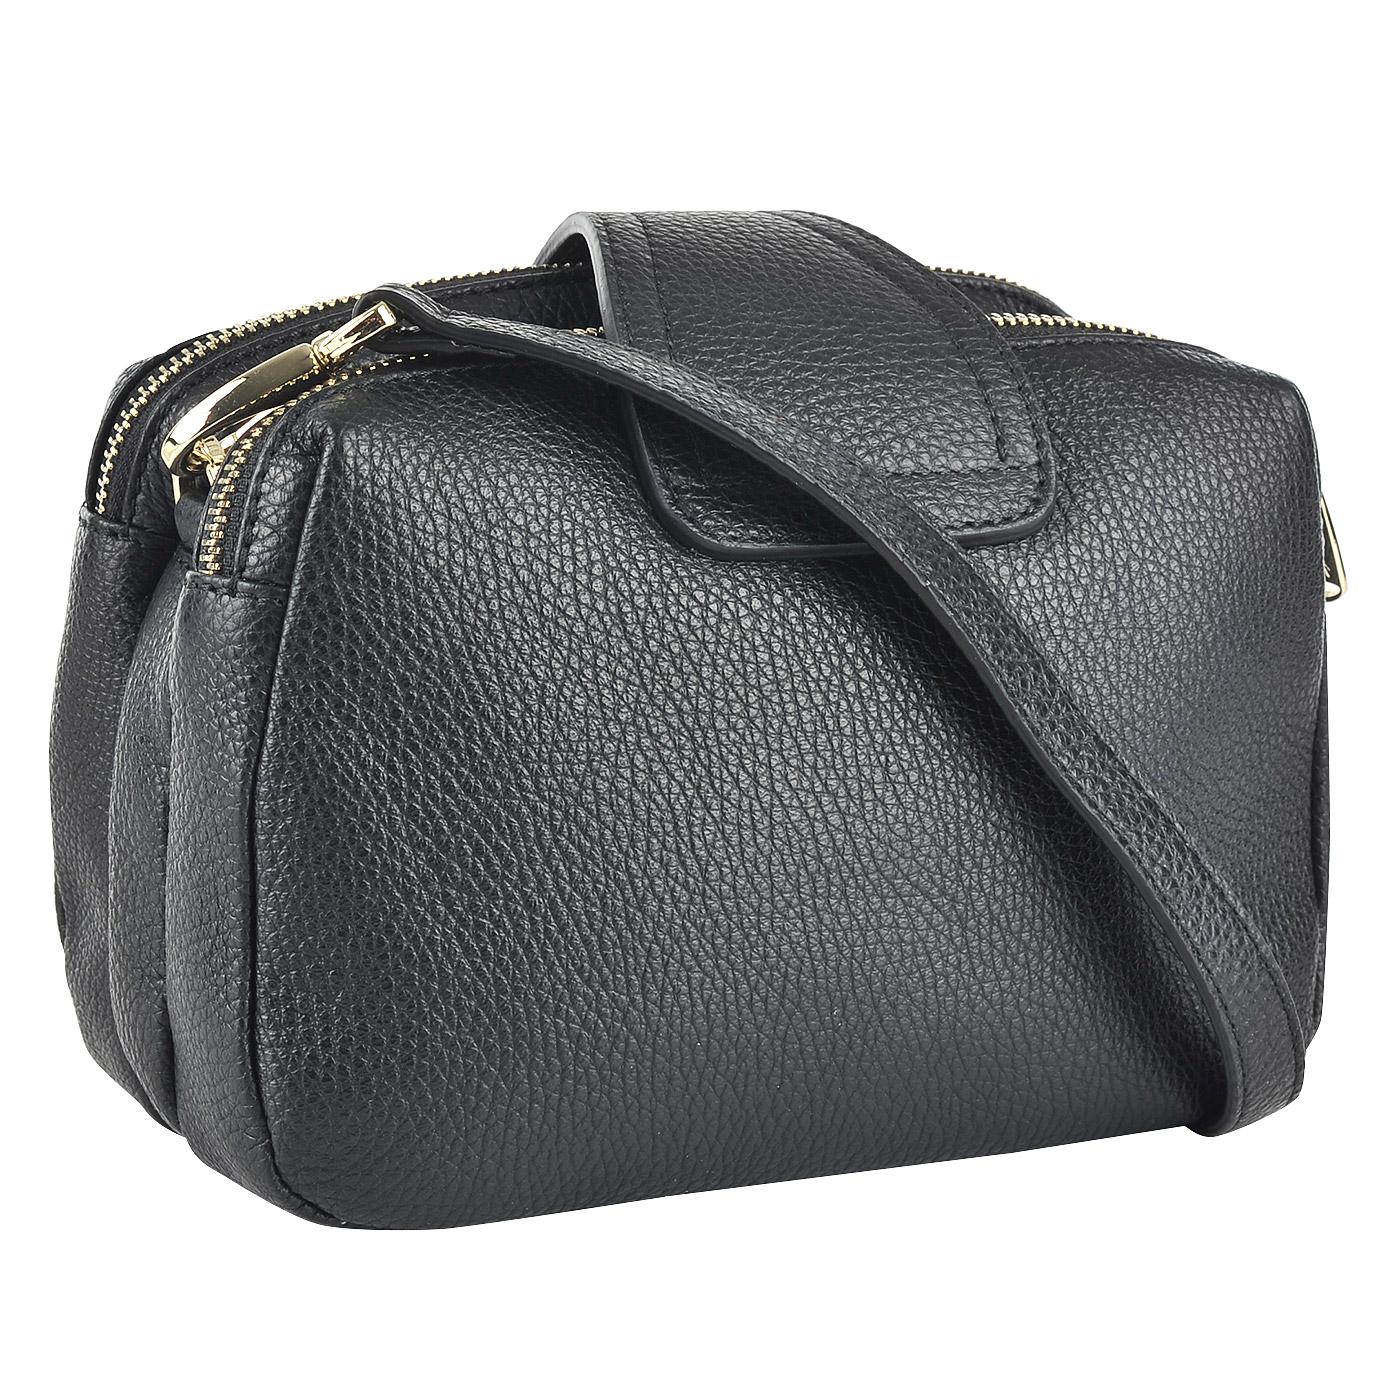 aec7ad5750ca Кожаная сумка через плечо с тремя отделениями Fiato 2825 ...